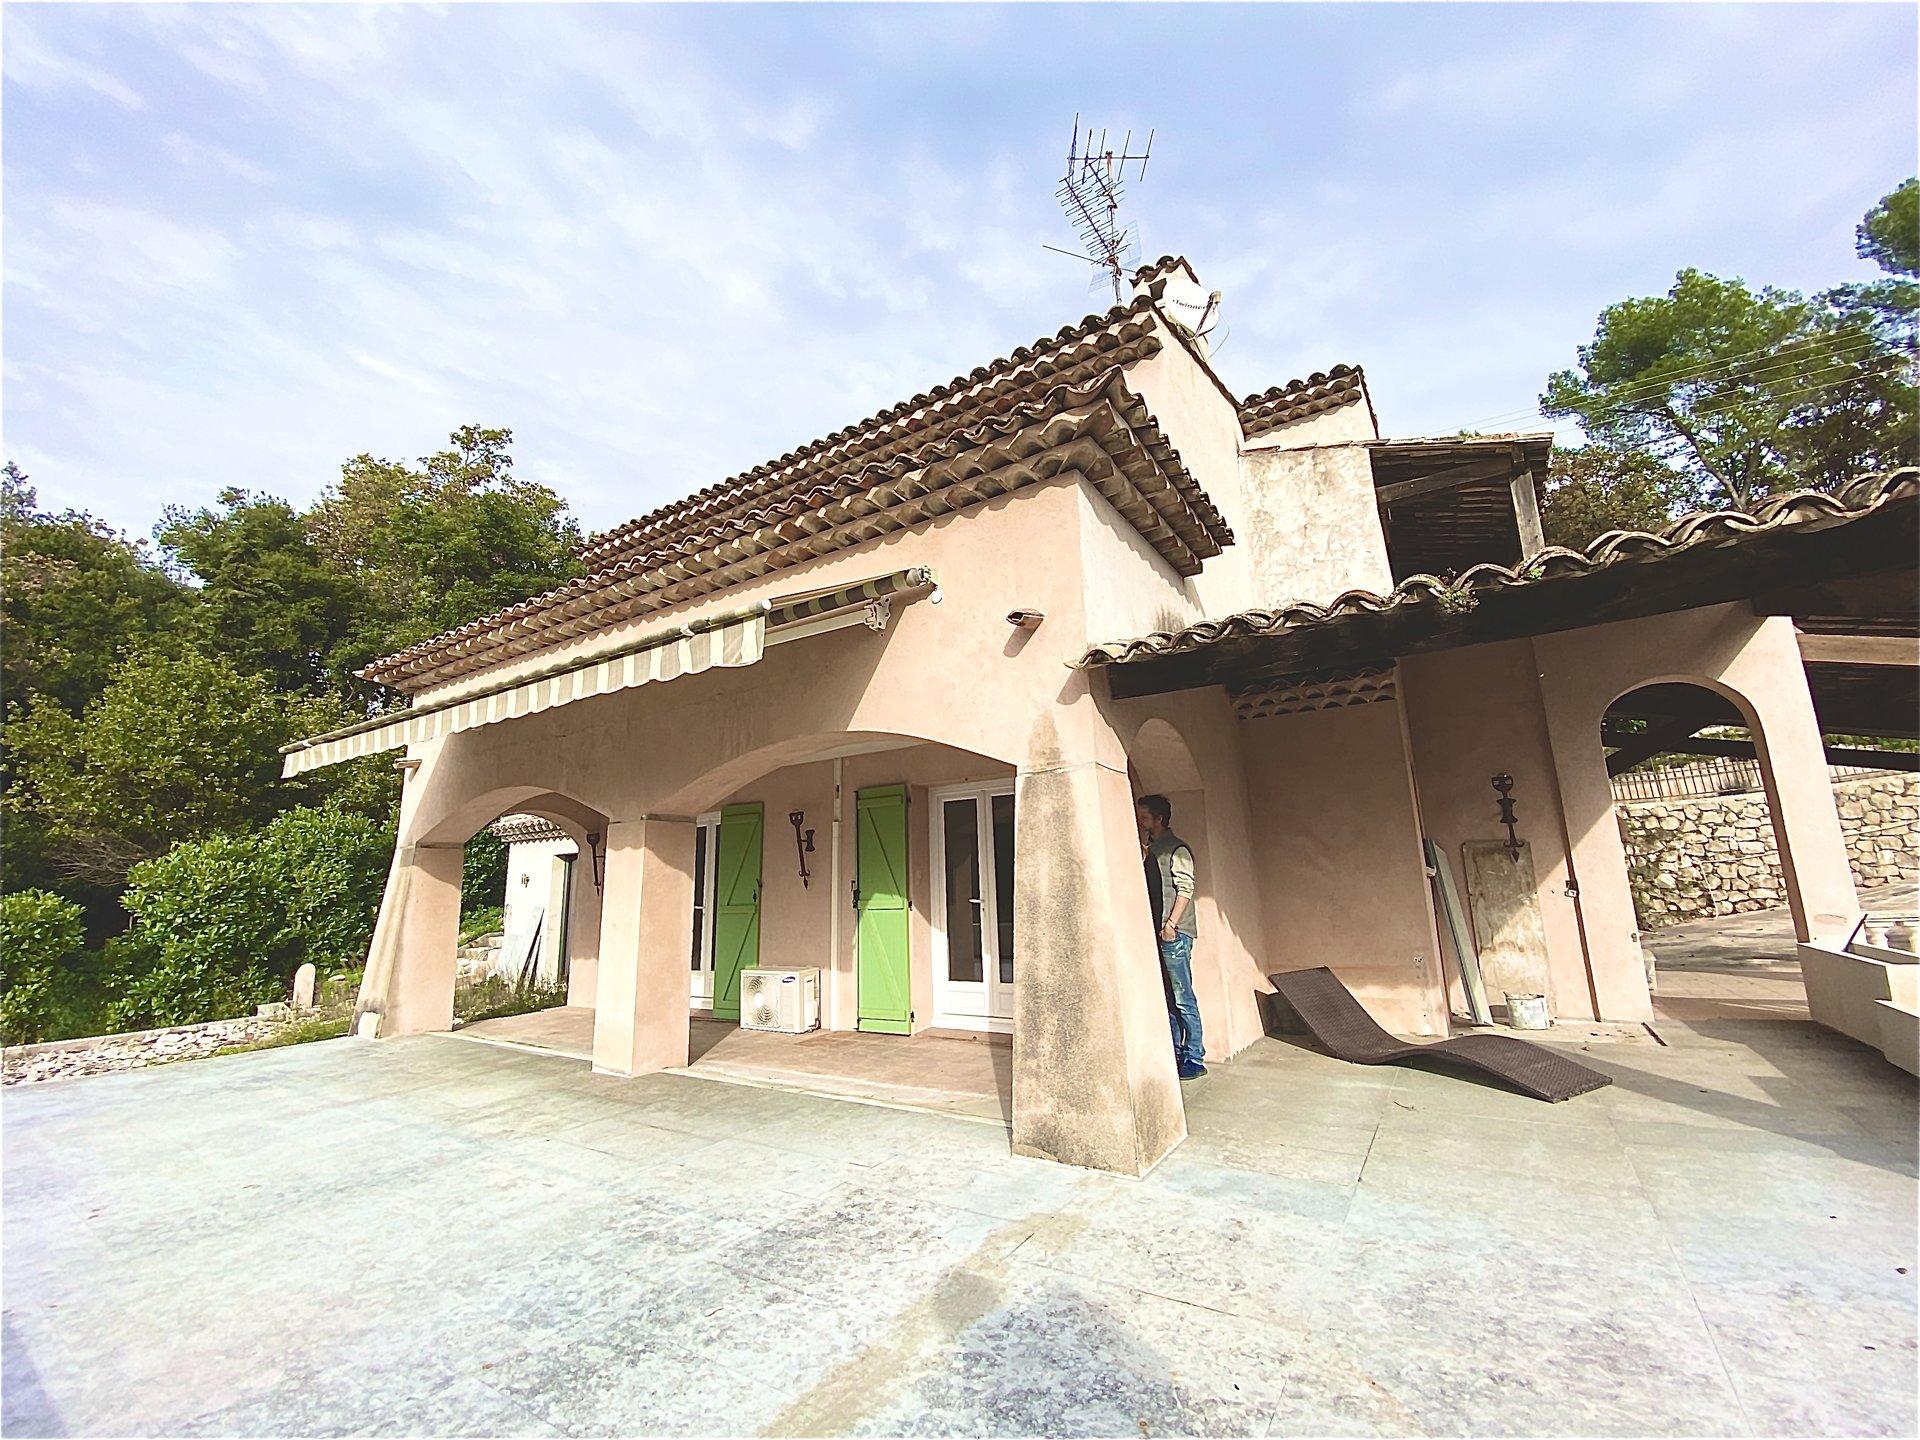 待售房屋,圣保罗,村庄中心附近,海景